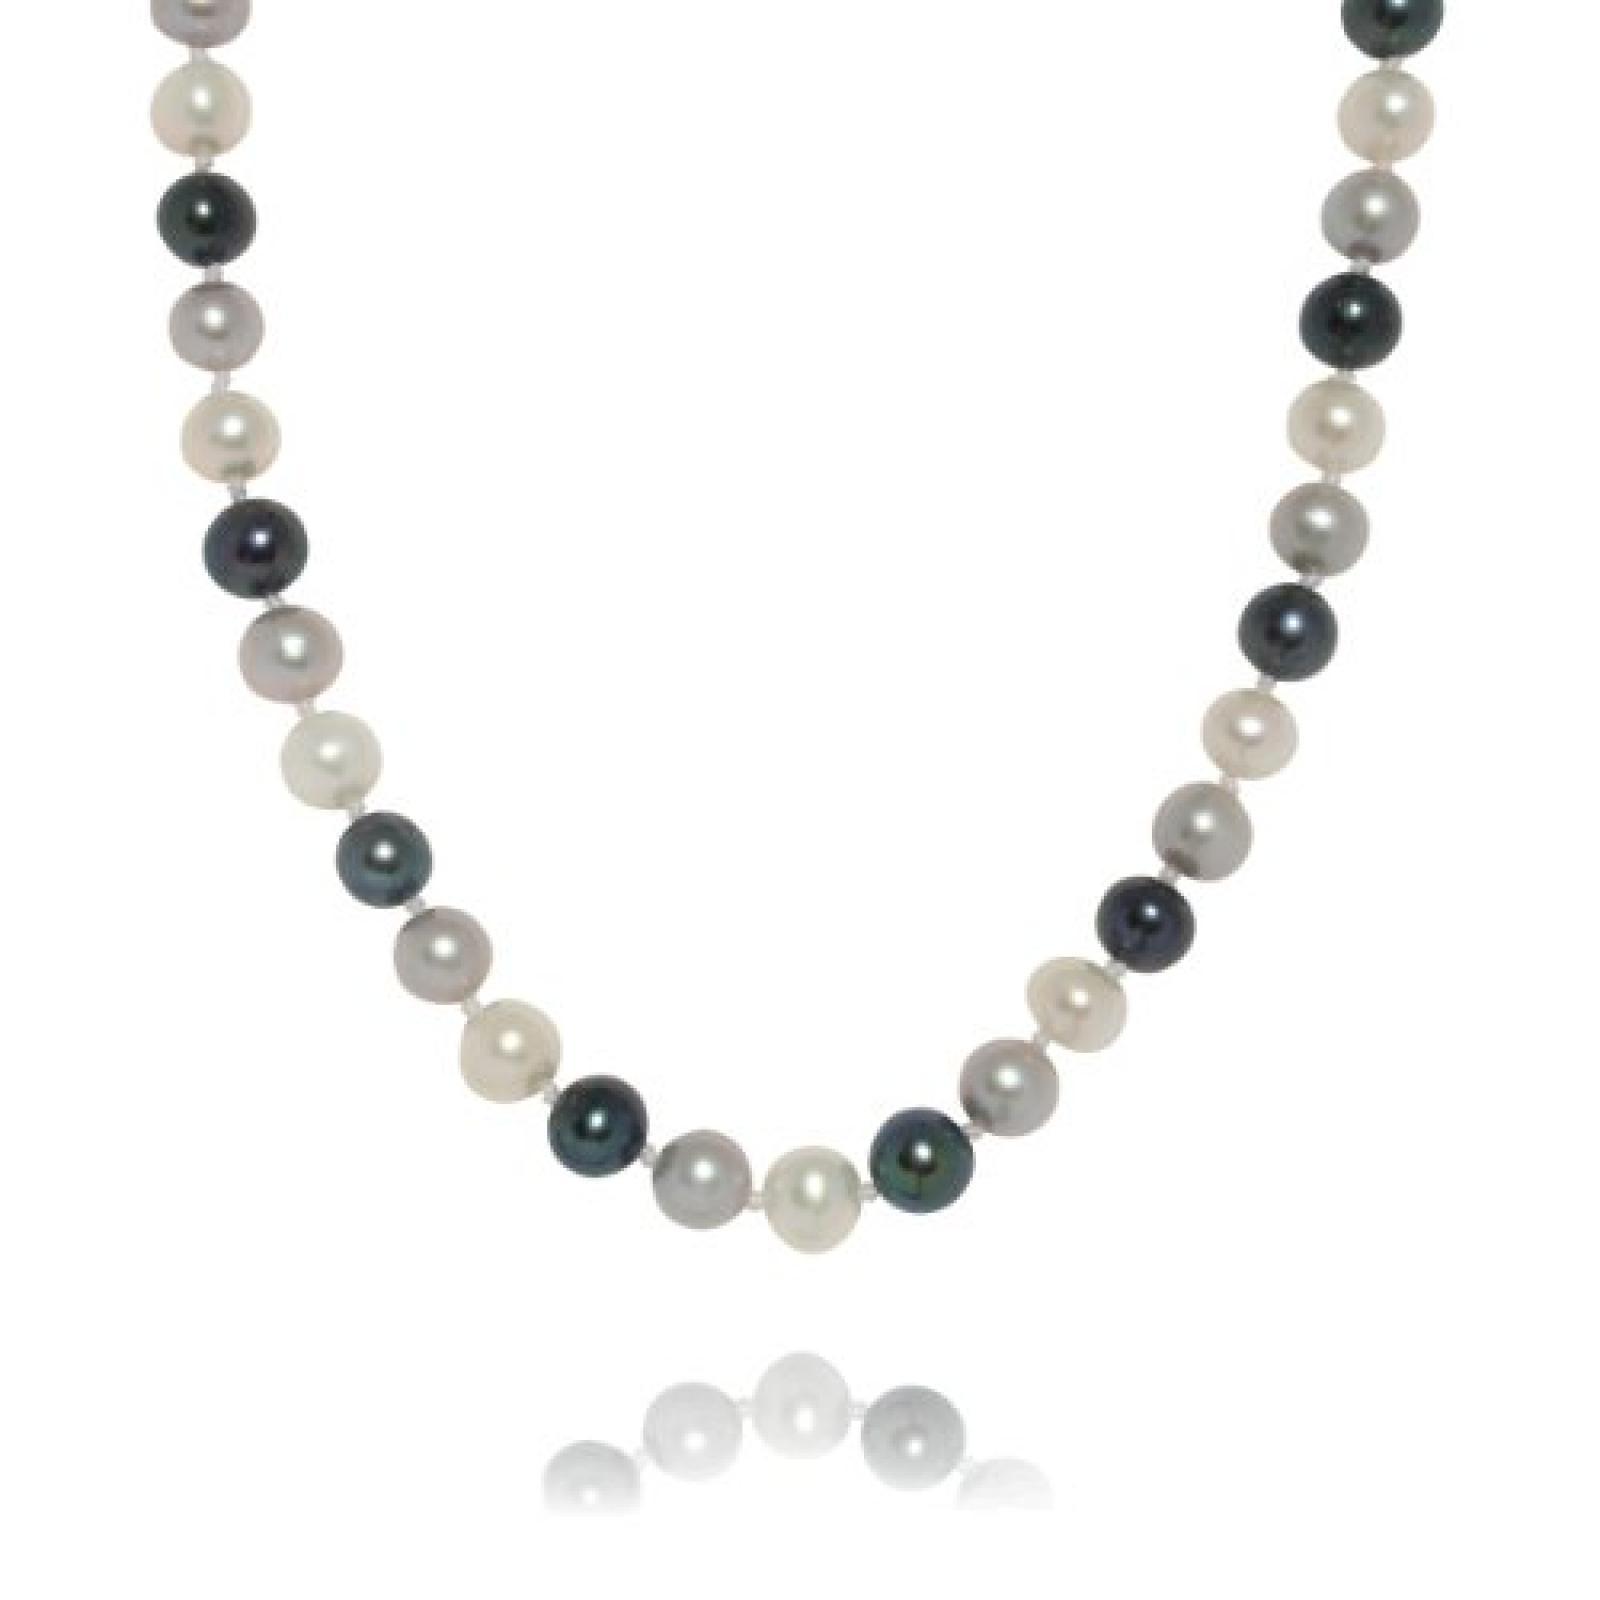 Valero Pearls Classic Collection Damen-Kette Hochwertige Süßwasser-Zuchtperlen in ca.  9 mm Oval weiß / silbergrau / pfauenblau 925 Sterling Silber    43 cm + 5 cm Verlängerung   60020059